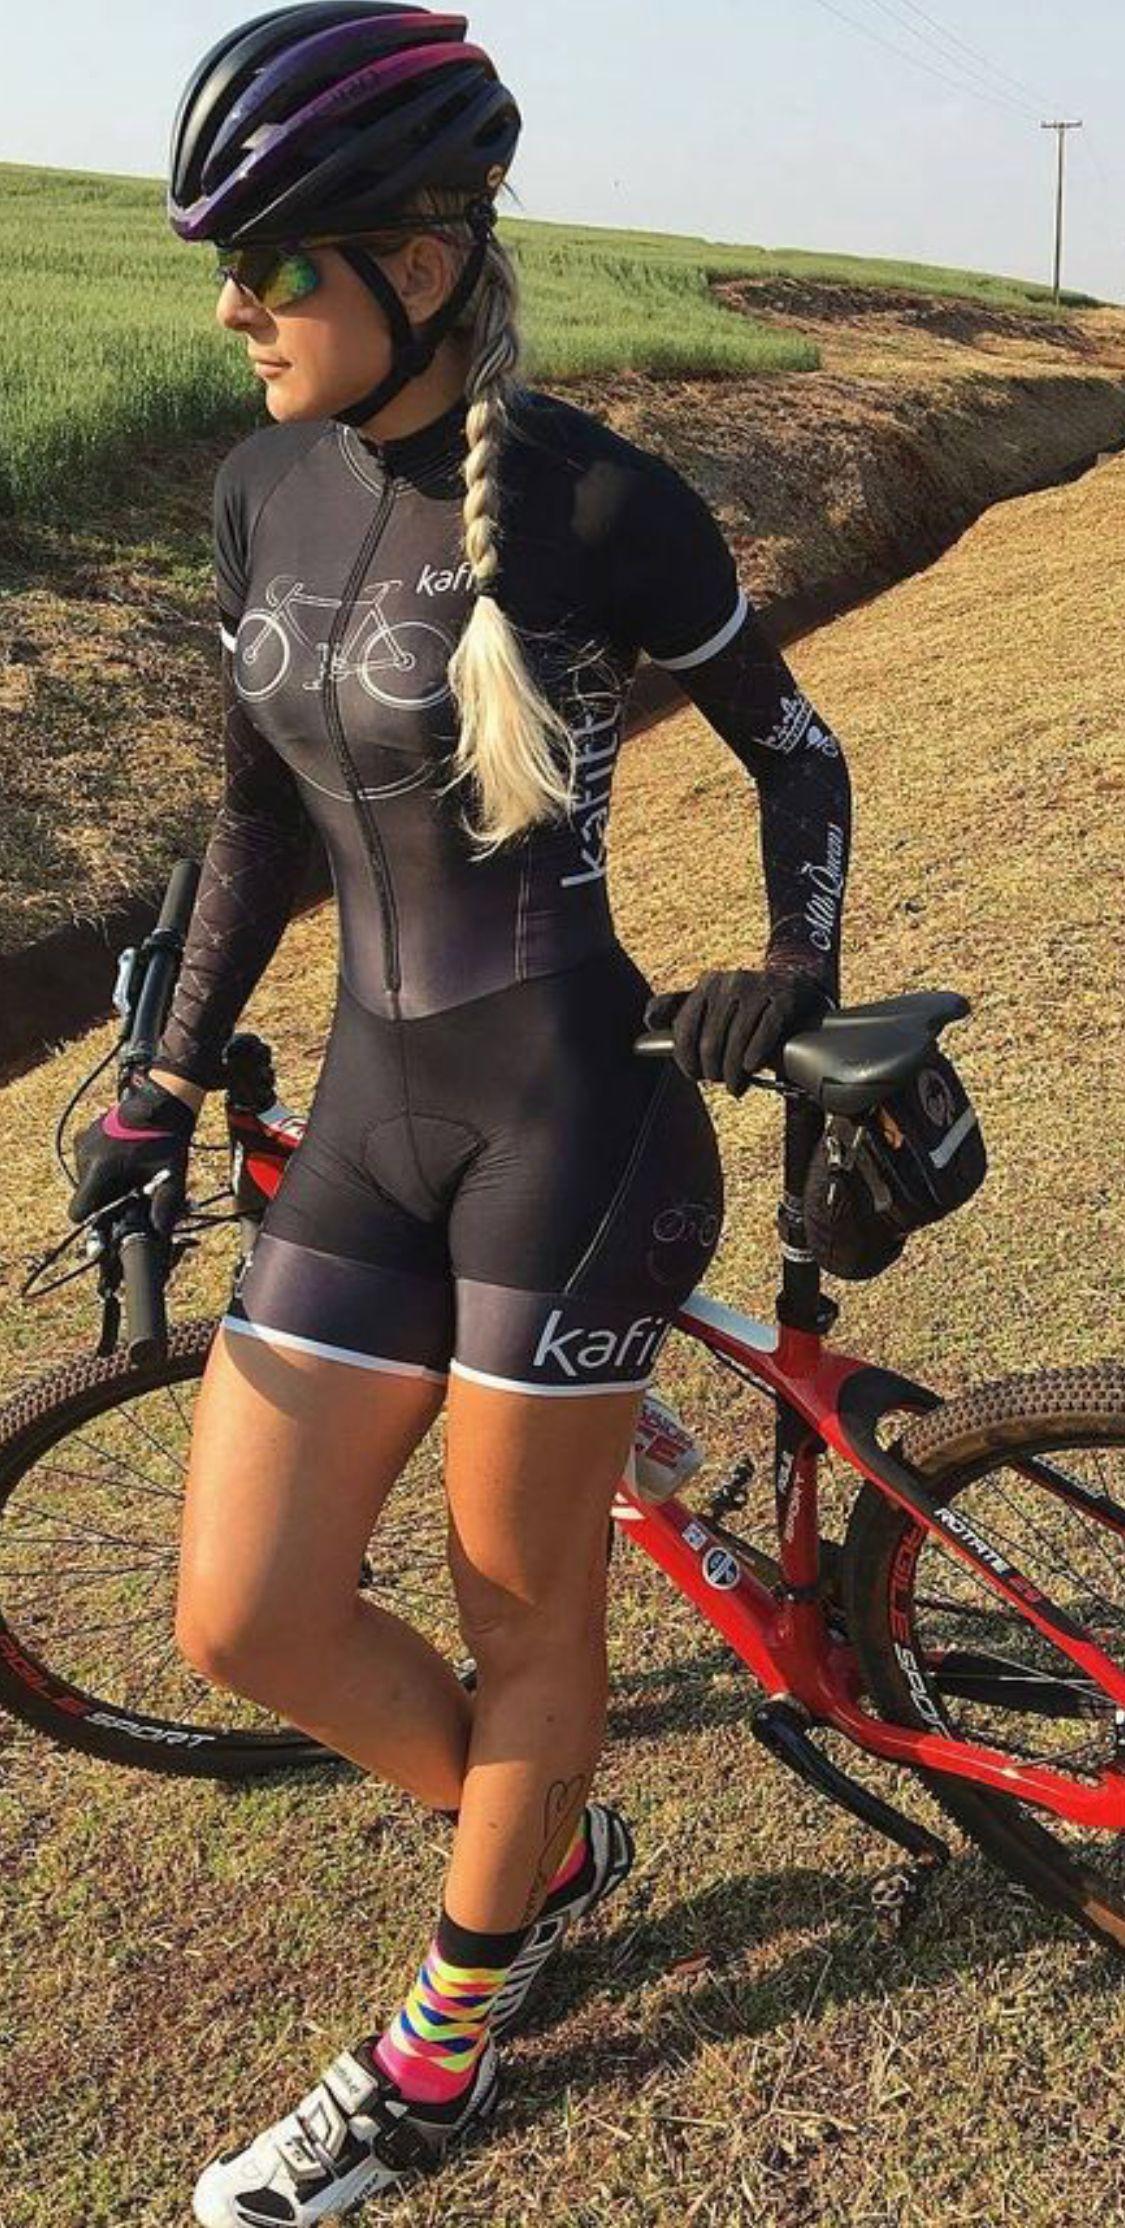 Biking Does A Body Good Bicycle Girl Cycling Women Cycling Girls